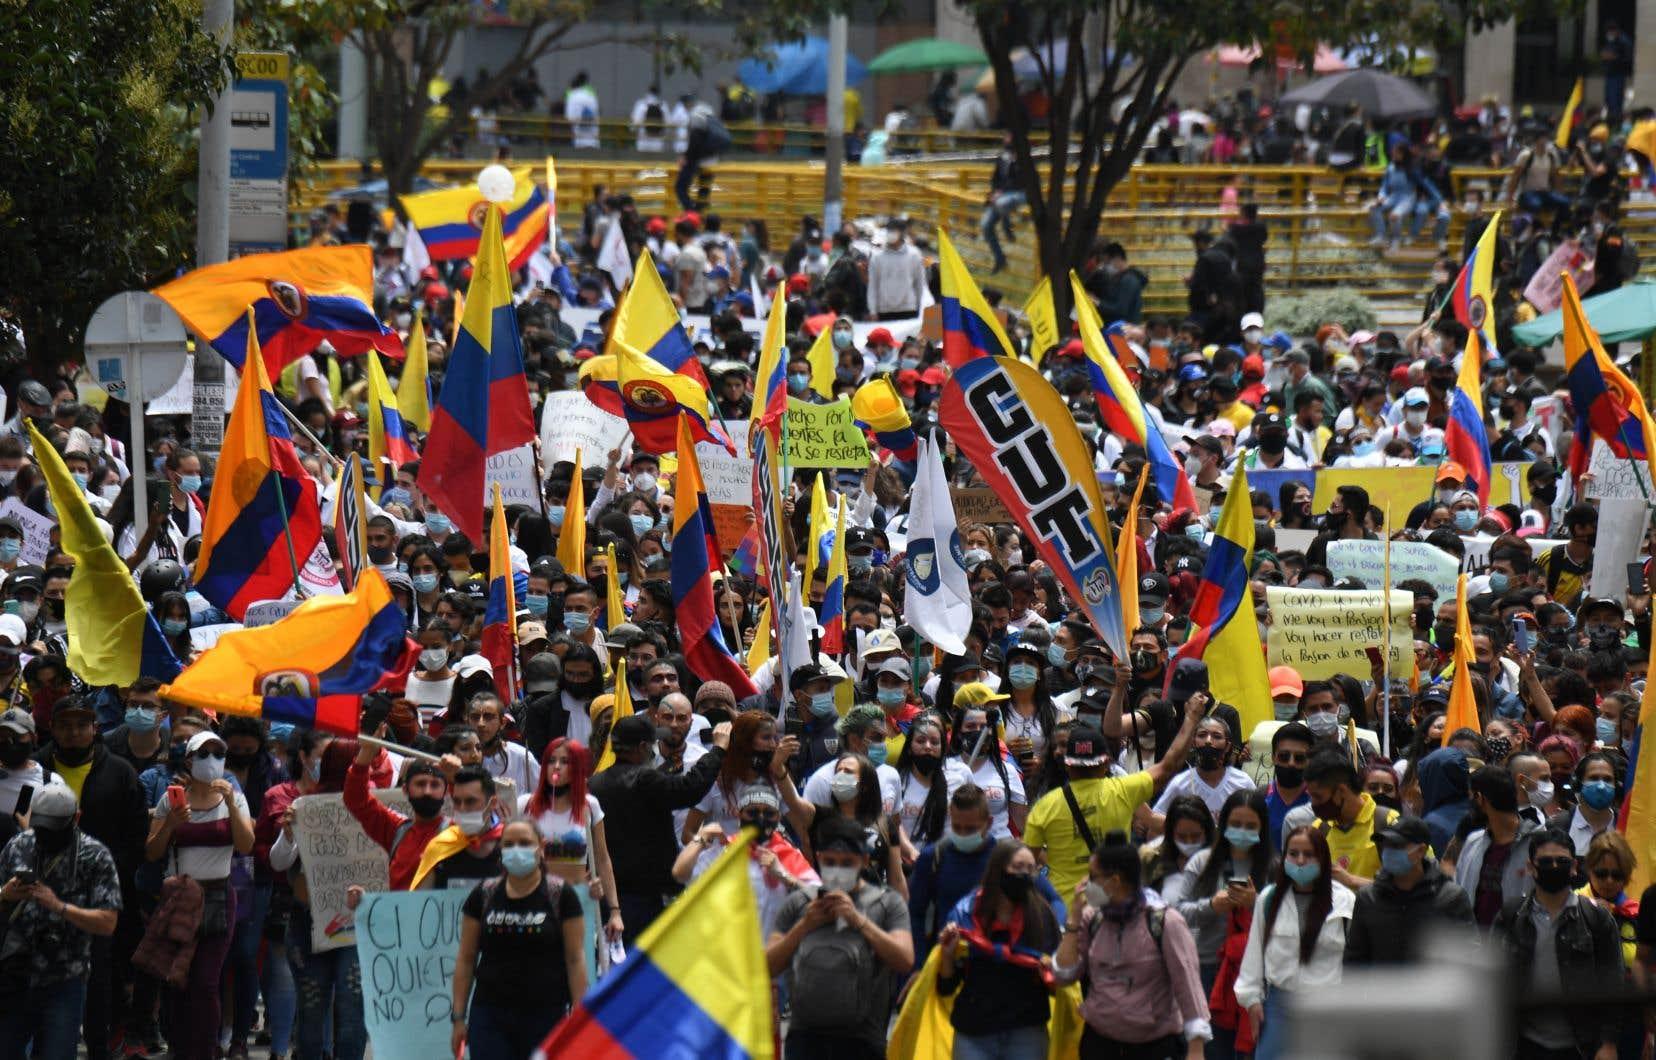 Syndicats, étudiants, indigènes et d'autres secteurs ont commencé à se mobiliser dans les principales villes du pays contre les politiques de santé, d'éducation, de sécurité et pour dénoncer les abus des forces de l'ordre.